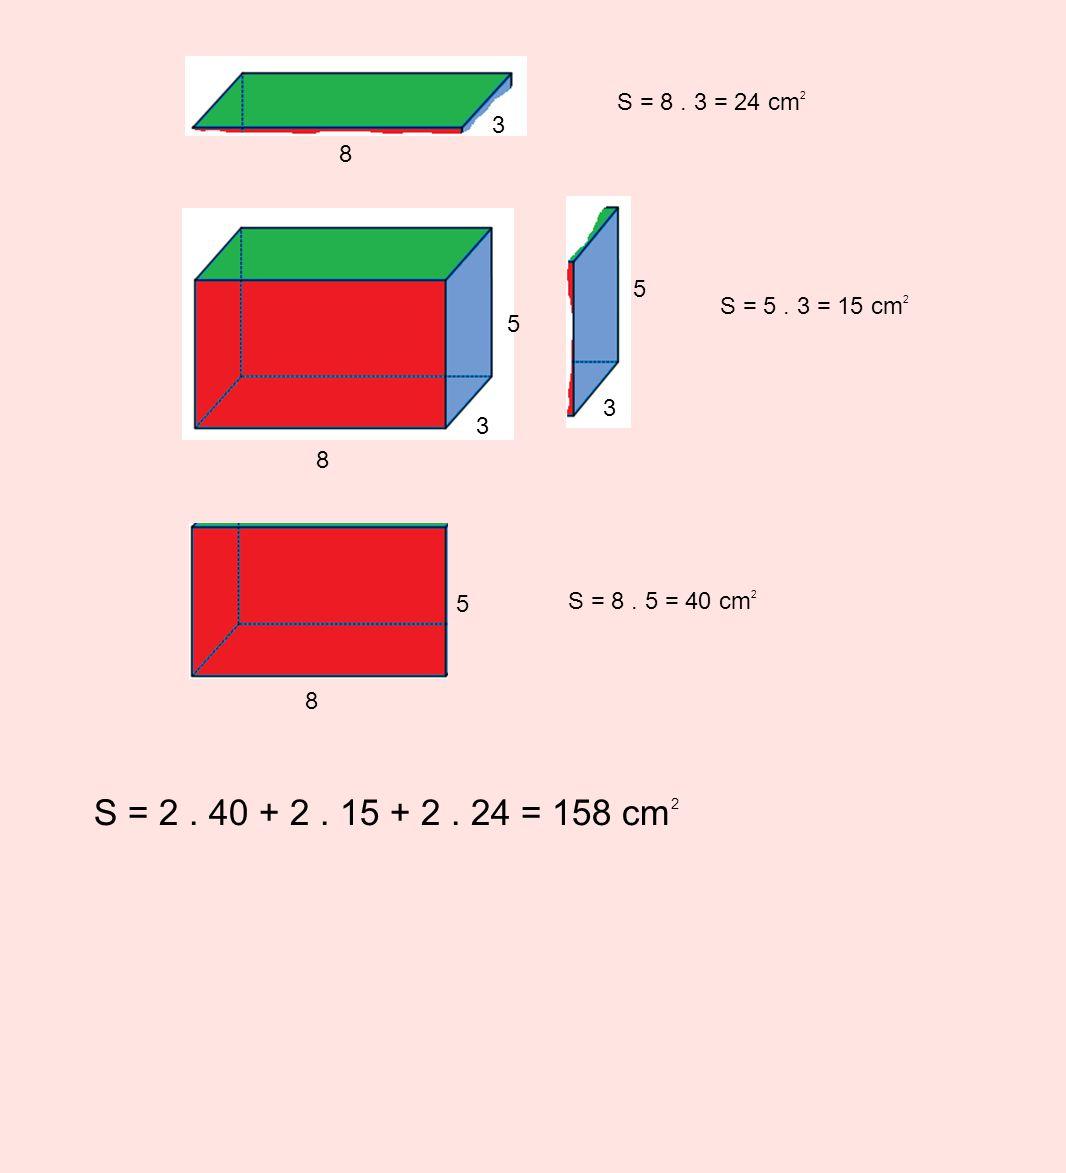 5 3 8 S = 8. 5 = 40 cm 2 5 8 S = 5. 3 = 15 cm 2 5 3 S = 8. 3 = 24 cm 2 8 3 S = 2. 40 + 2. 15 + 2. 24 = 158 cm 2